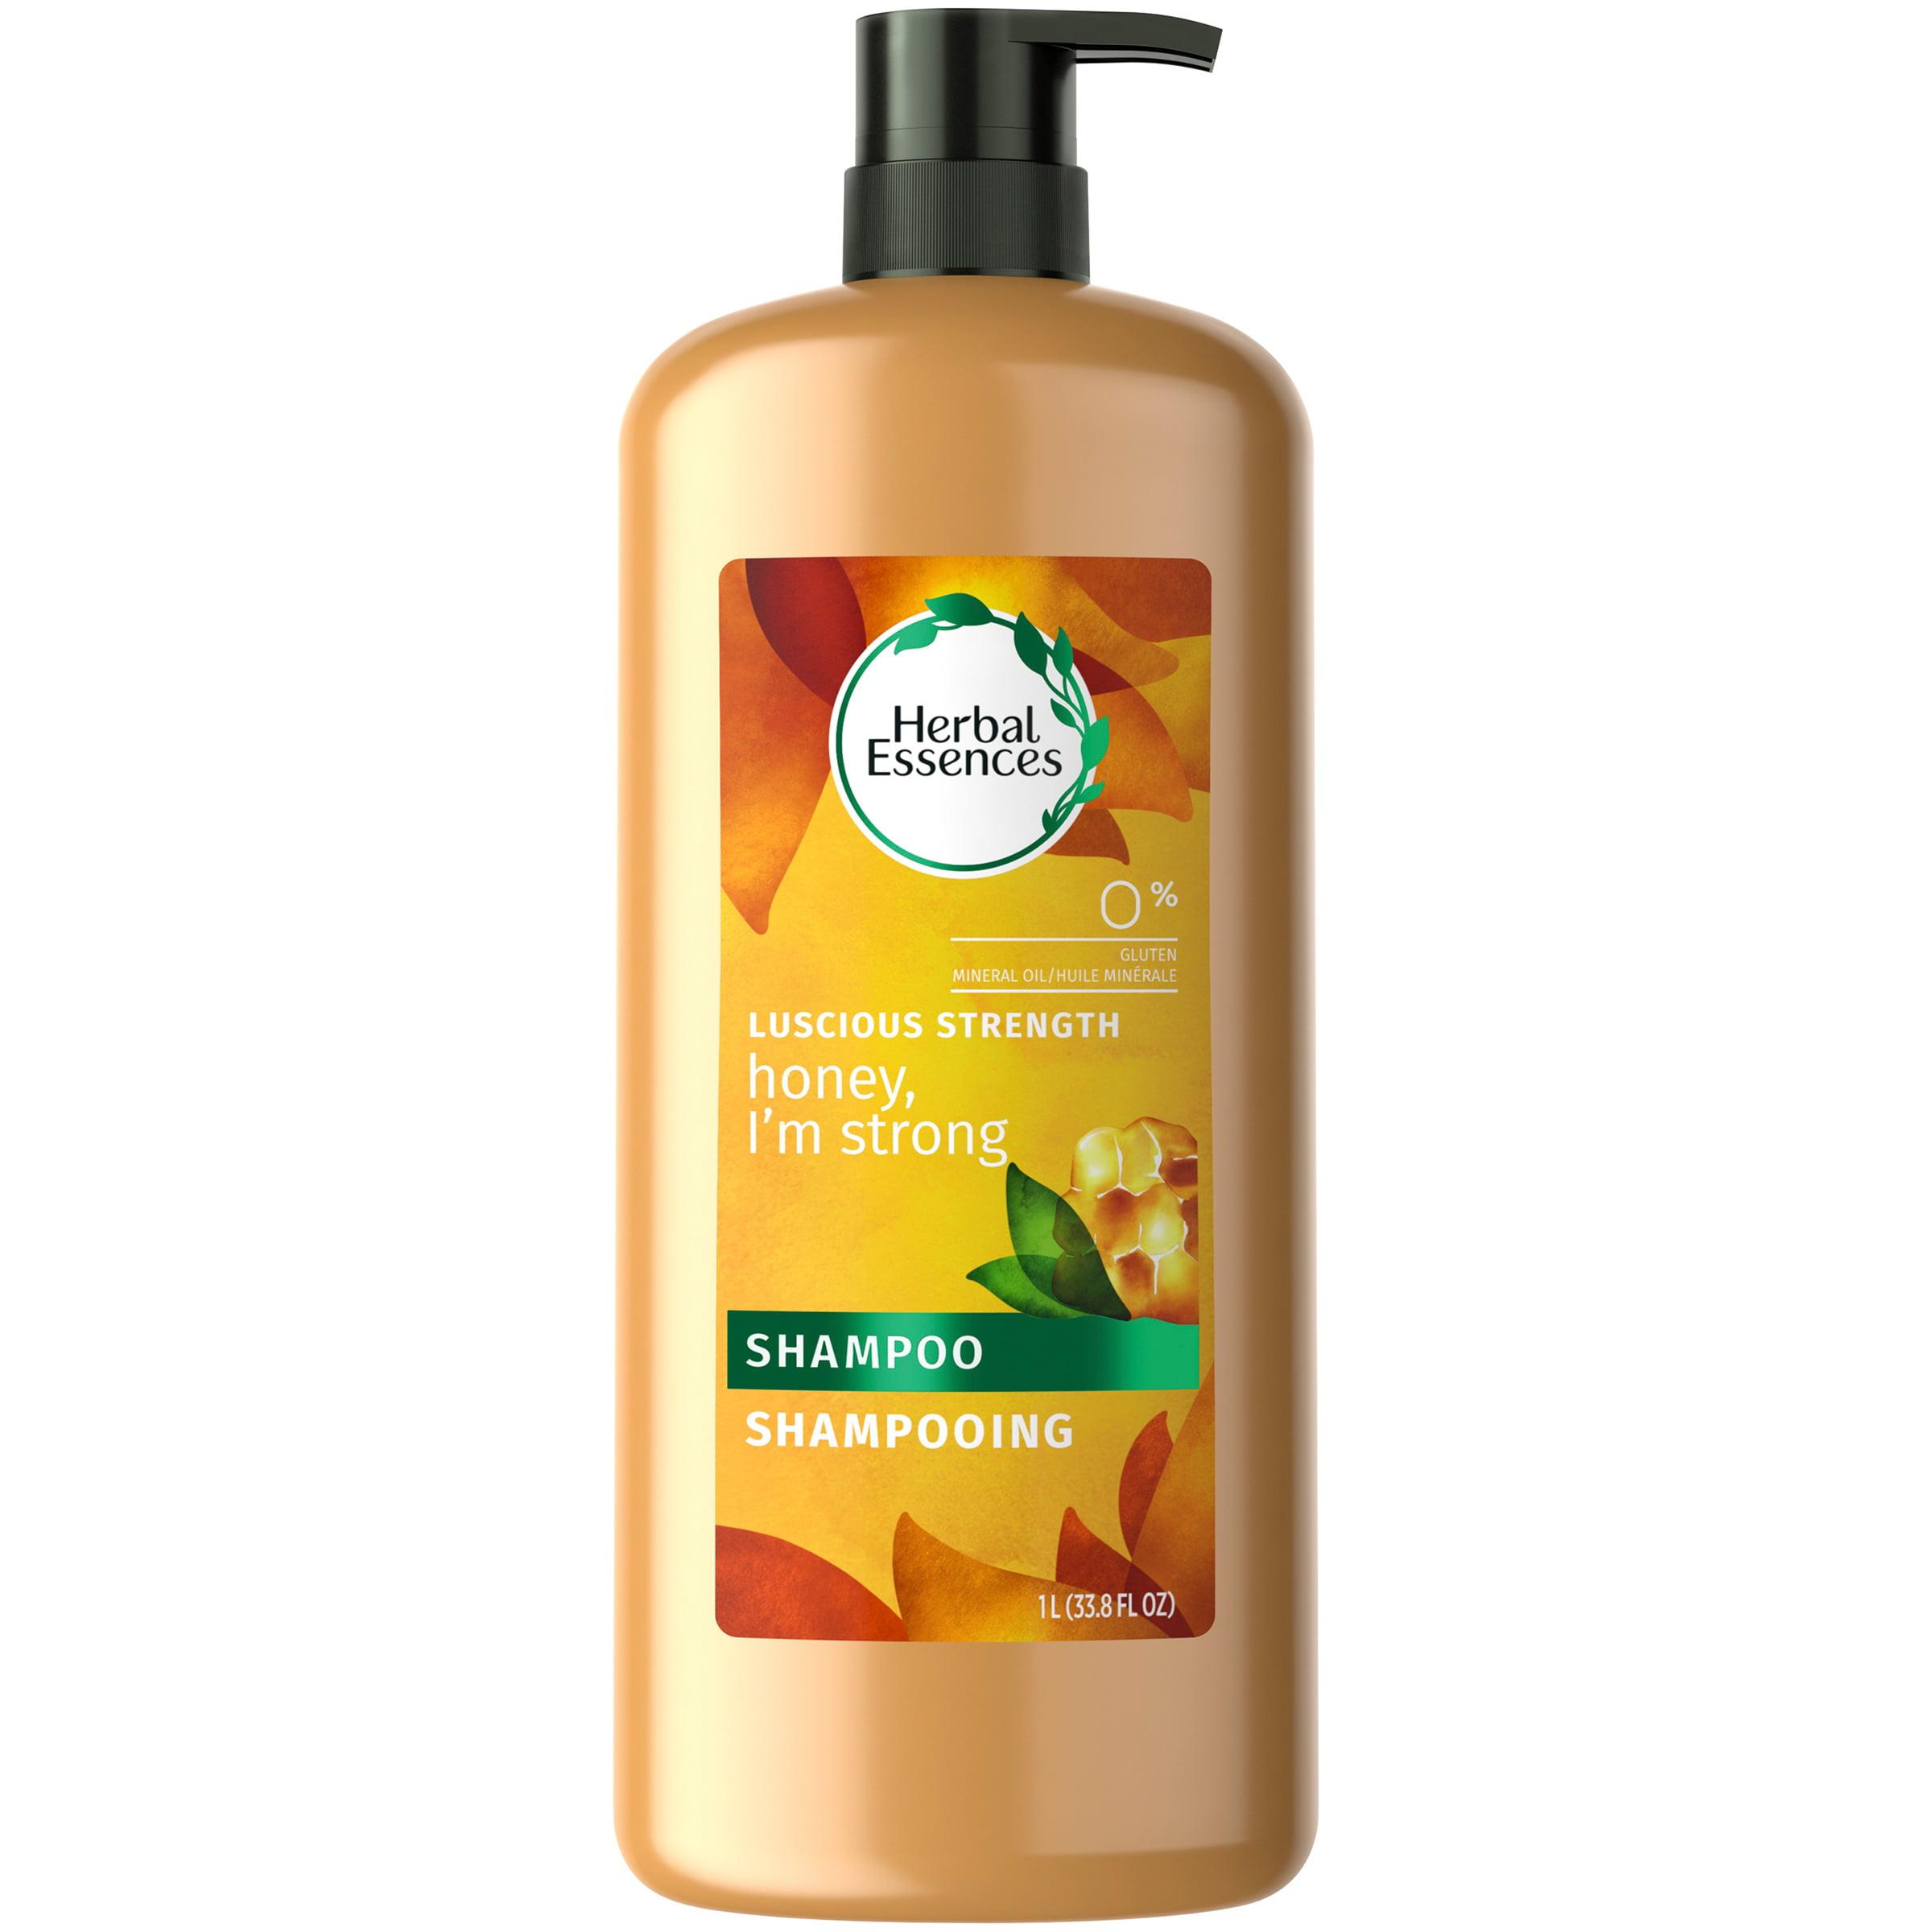 Herbal Essences Honey I'm Strong Strengthening Shampoo with Honey Essences, 33.8 fl oz